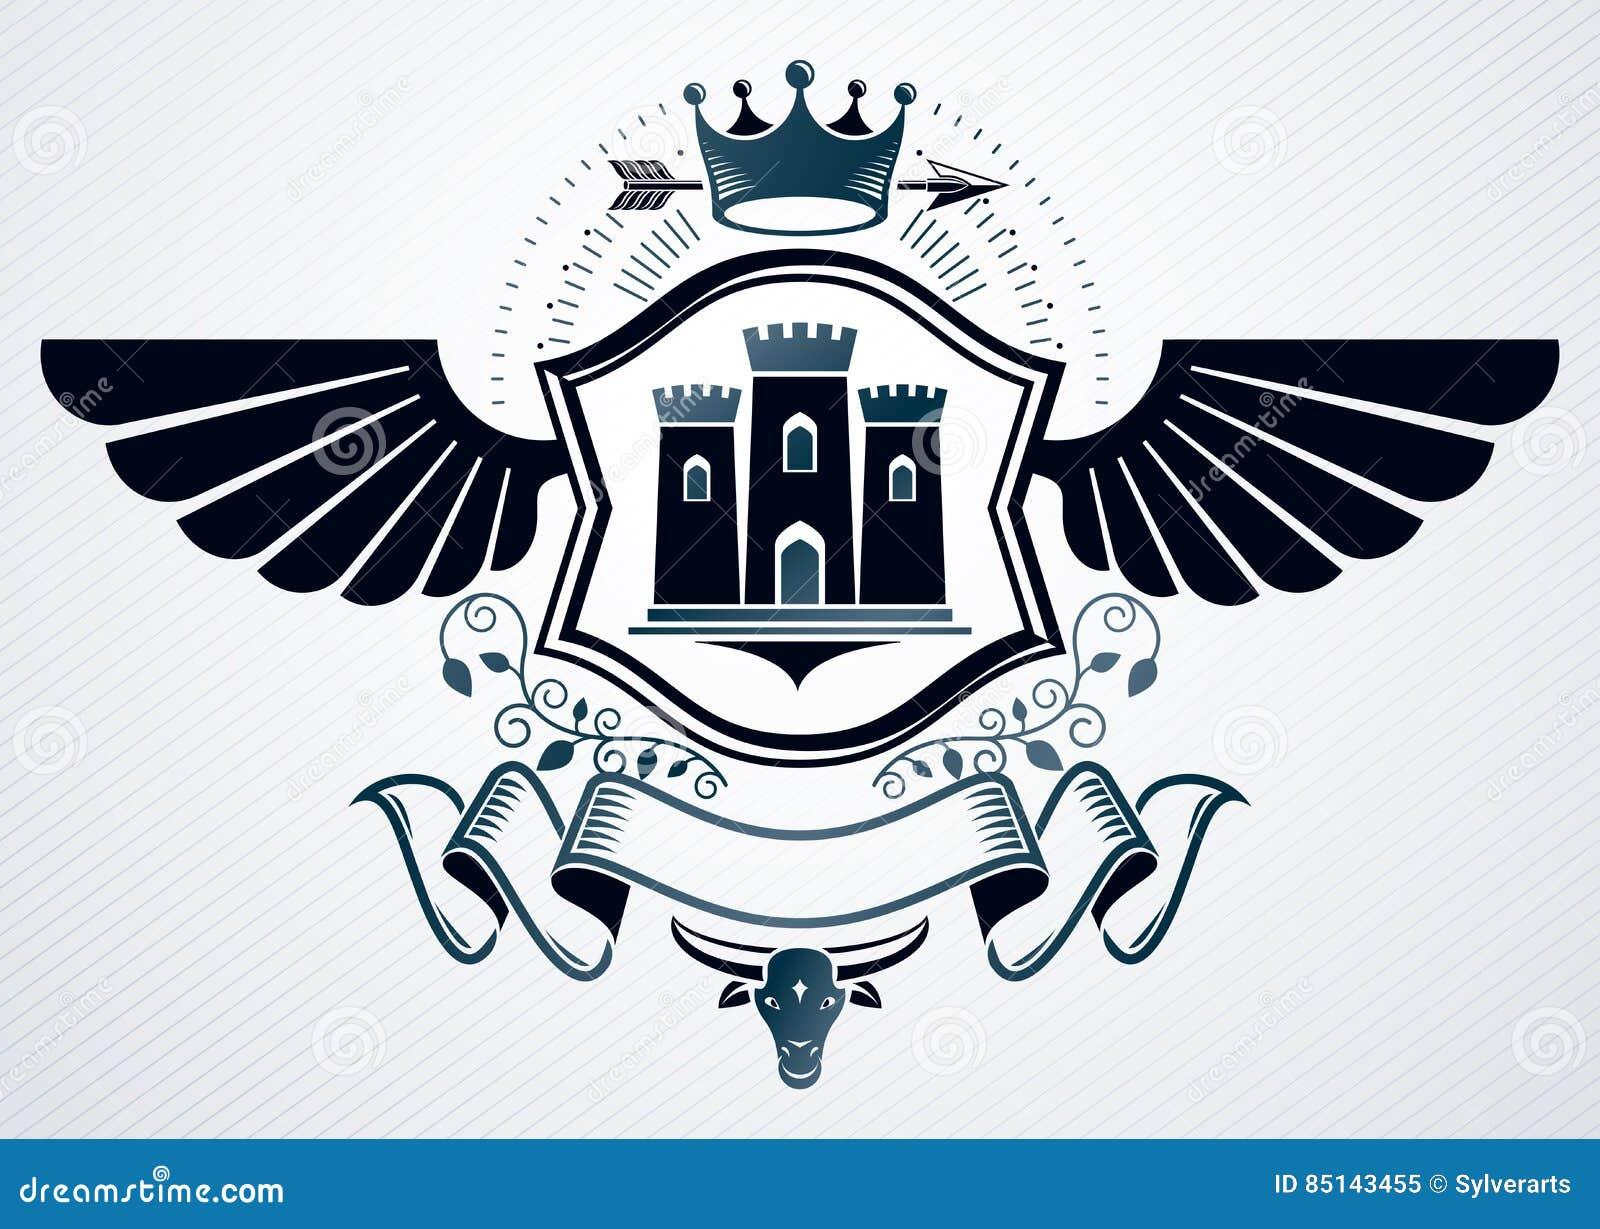 El emblema con clase hecho con el águila se va volando la decoración, castillo medieval